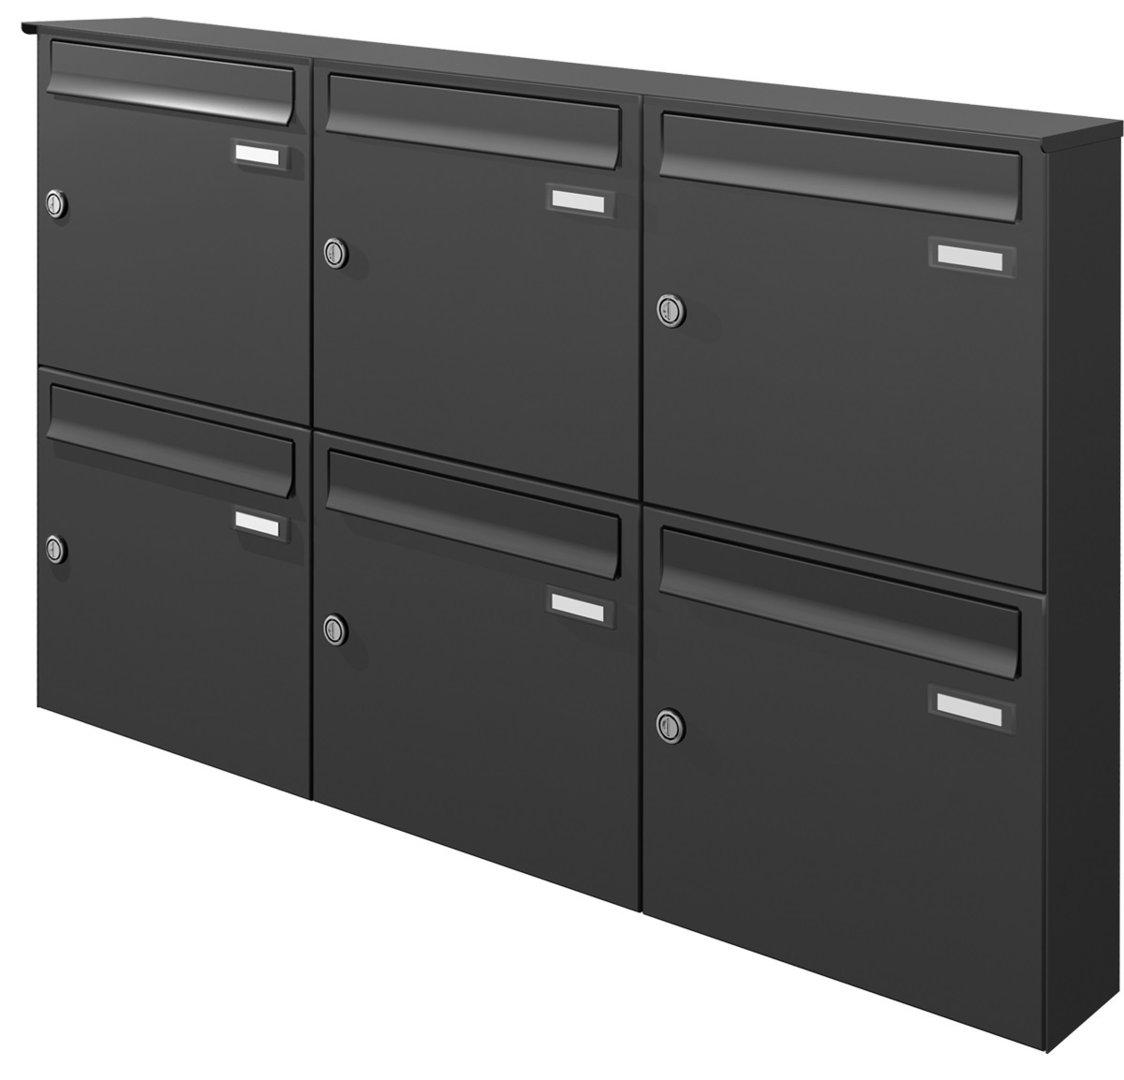 aph116 knobloch aufputz briefkasten 6 tlg tiefe 100 verkleidung ri244 farbauswahl. Black Bedroom Furniture Sets. Home Design Ideas